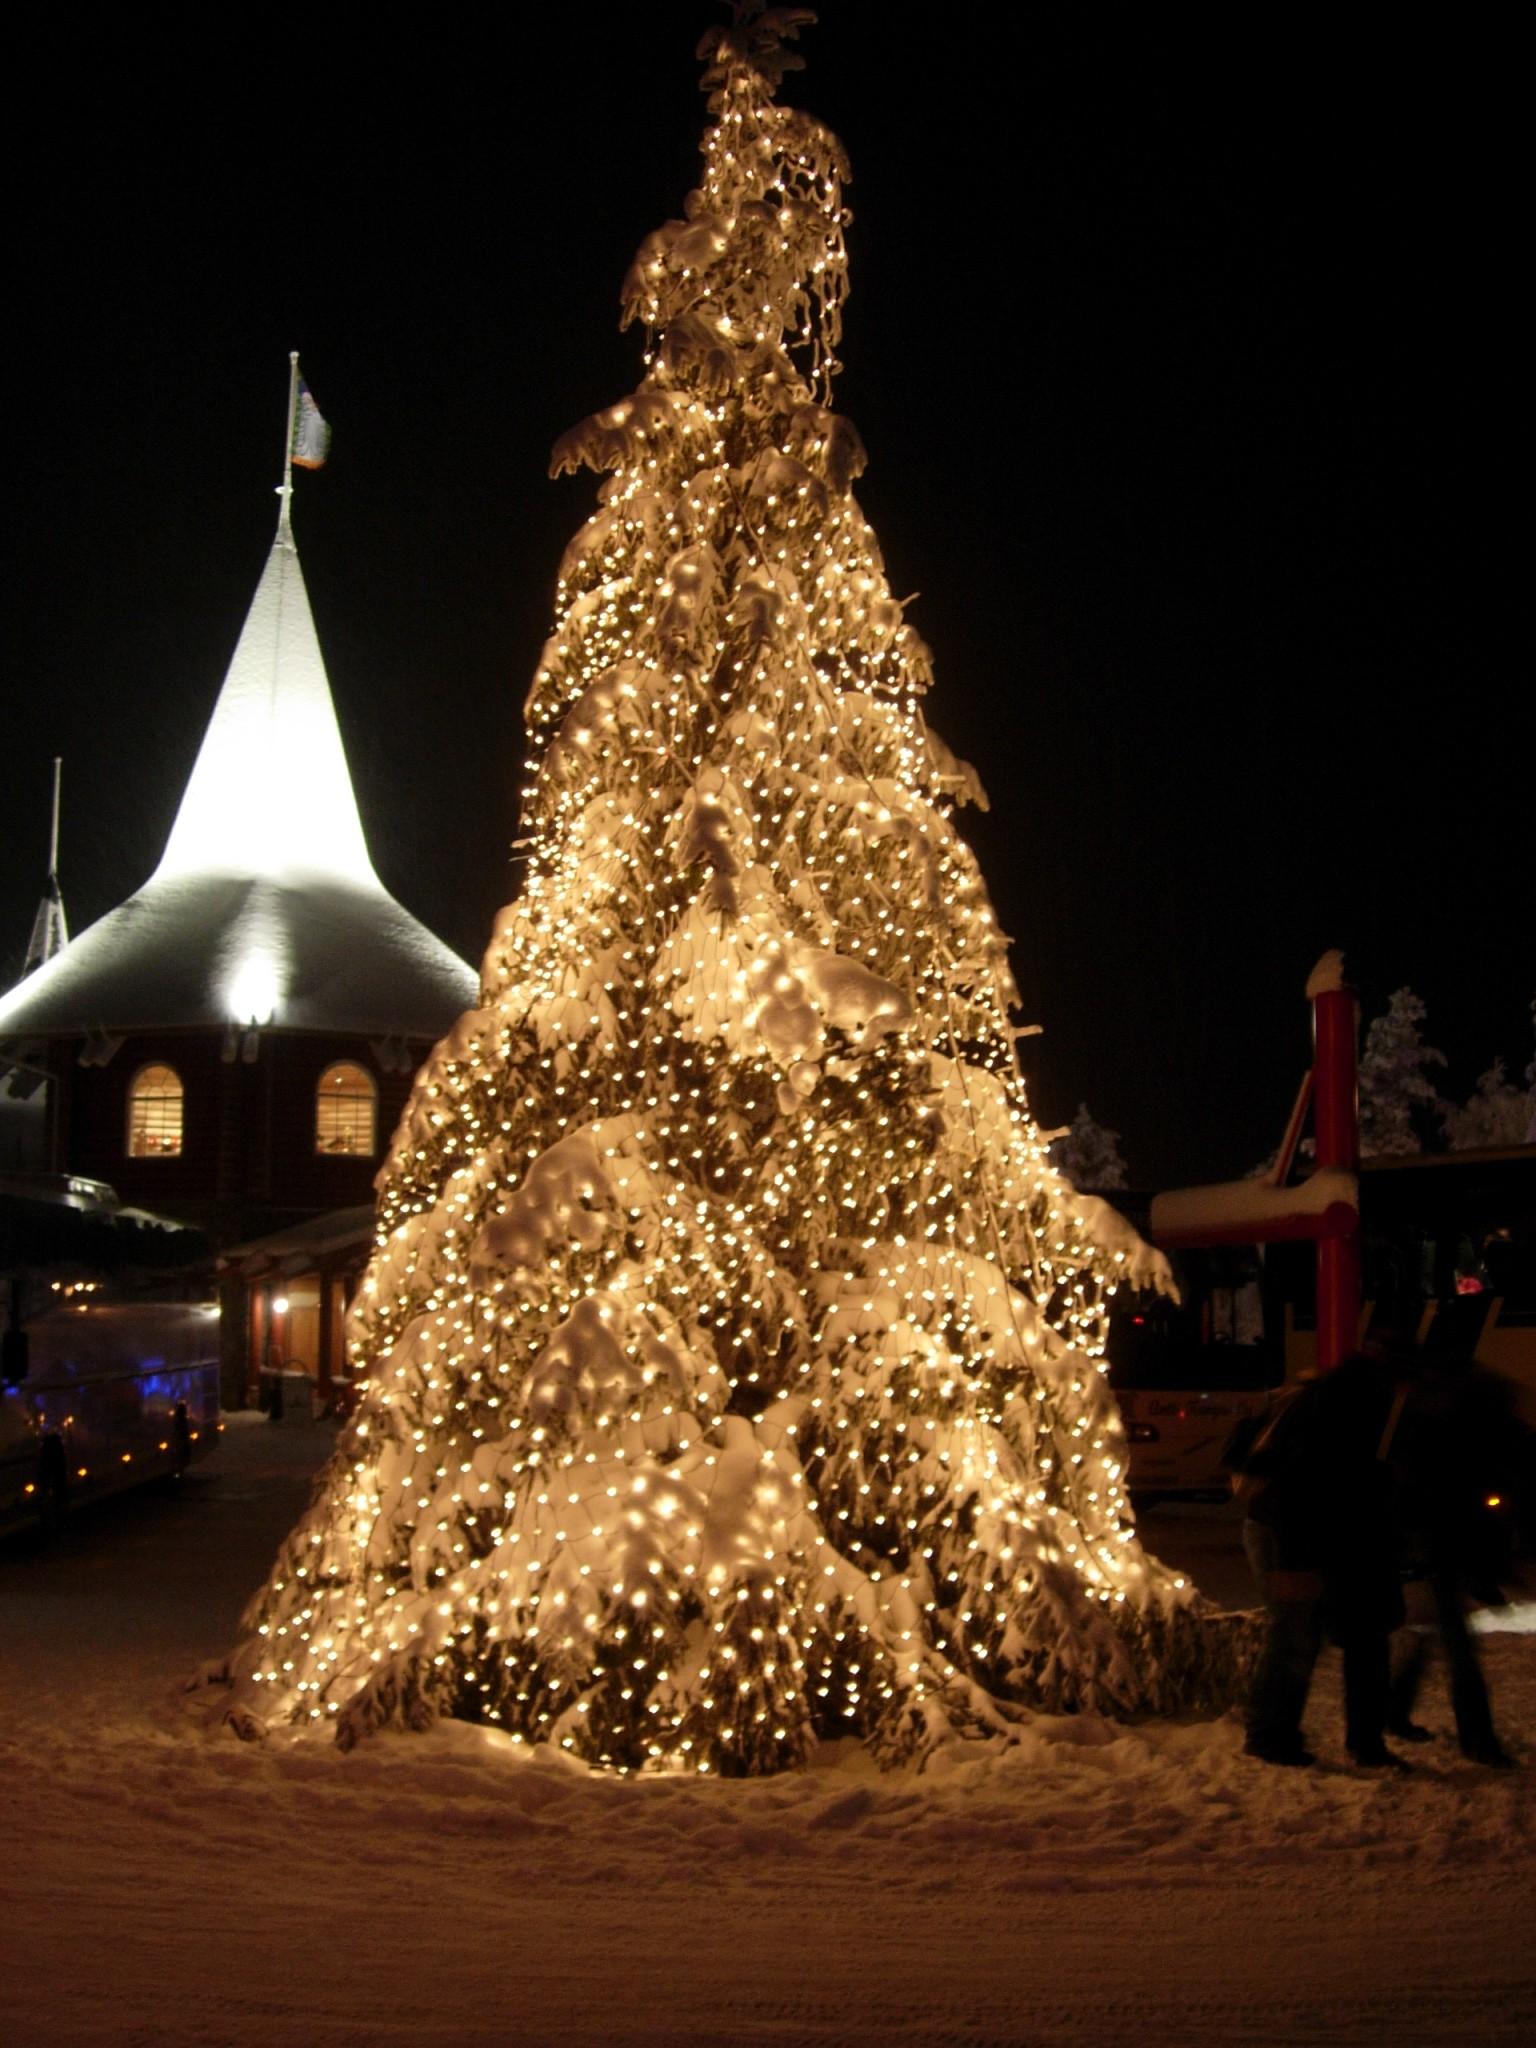 Christmas Tree At Santa Claus'